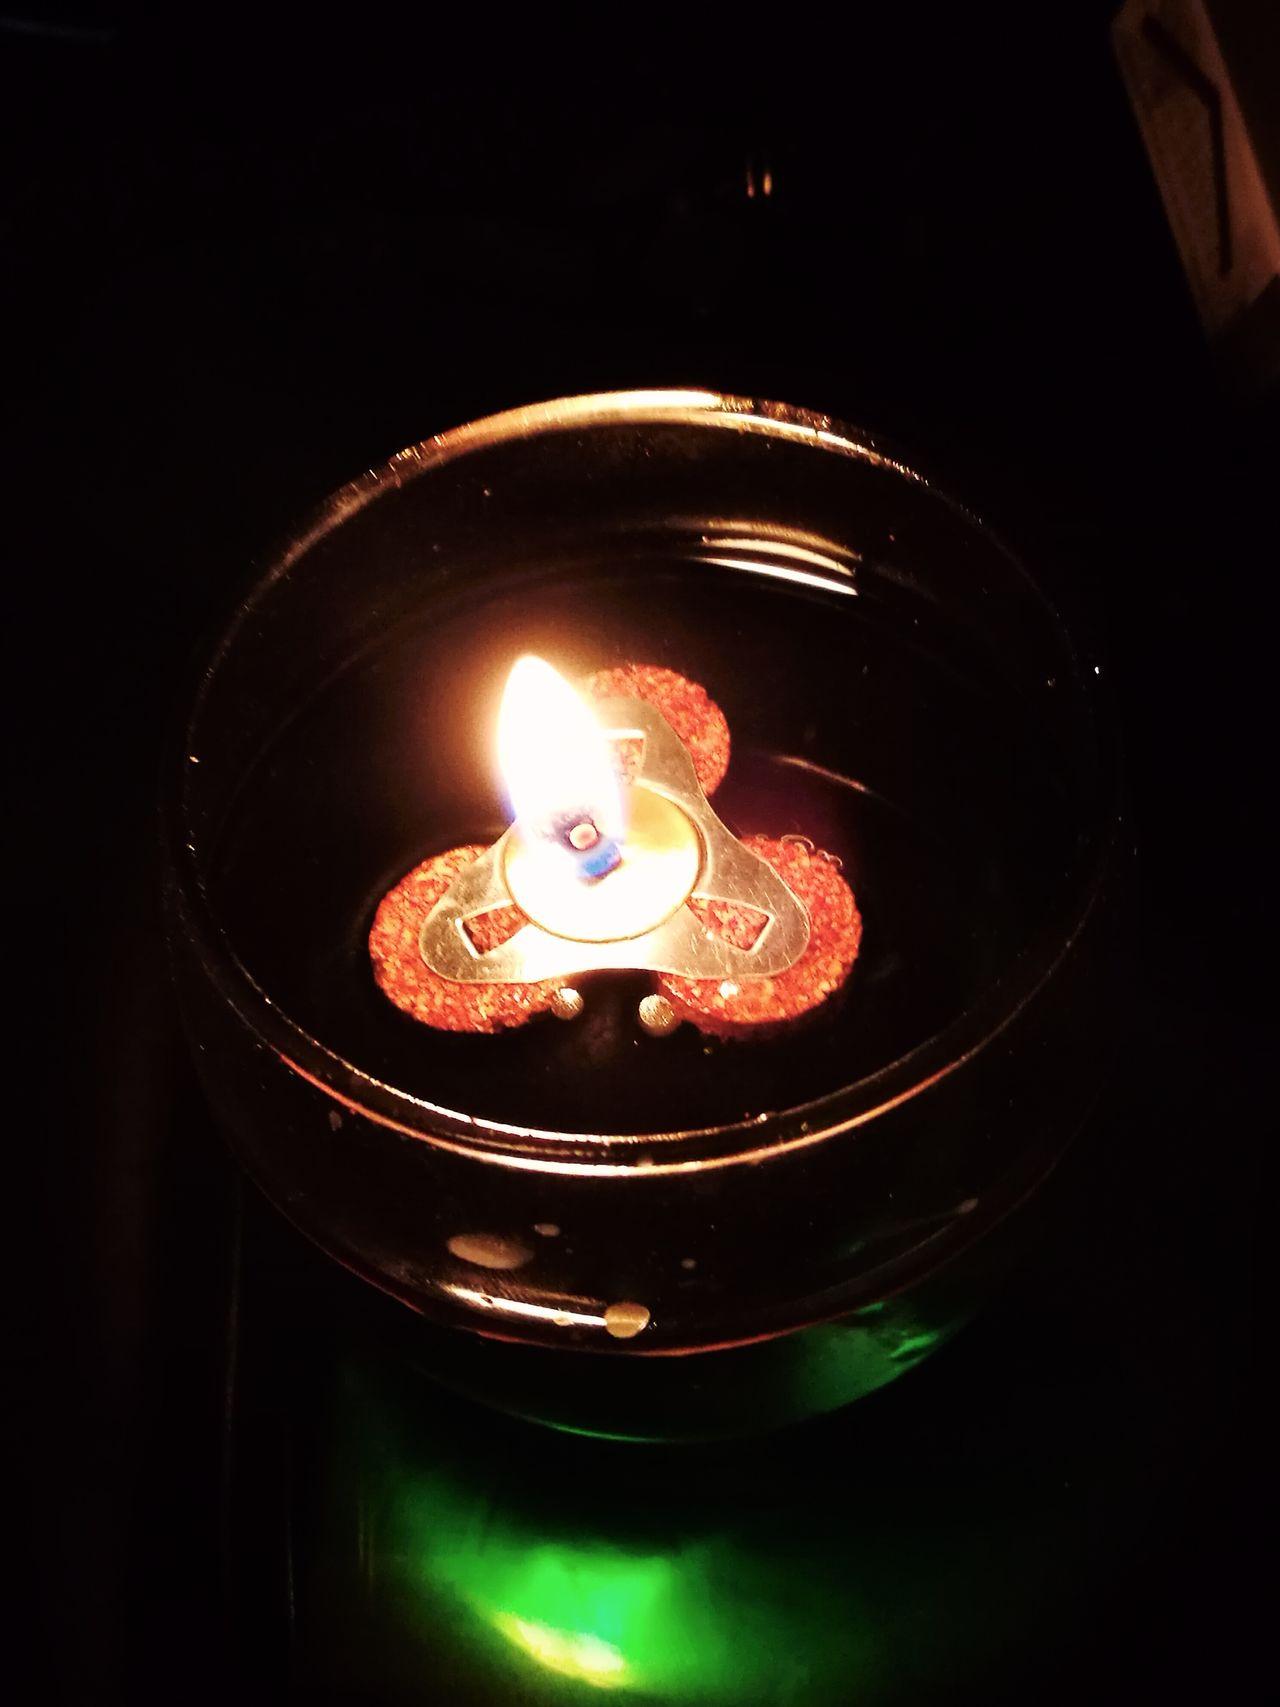 Flame Indoors  Leicacamera HuaweiP9